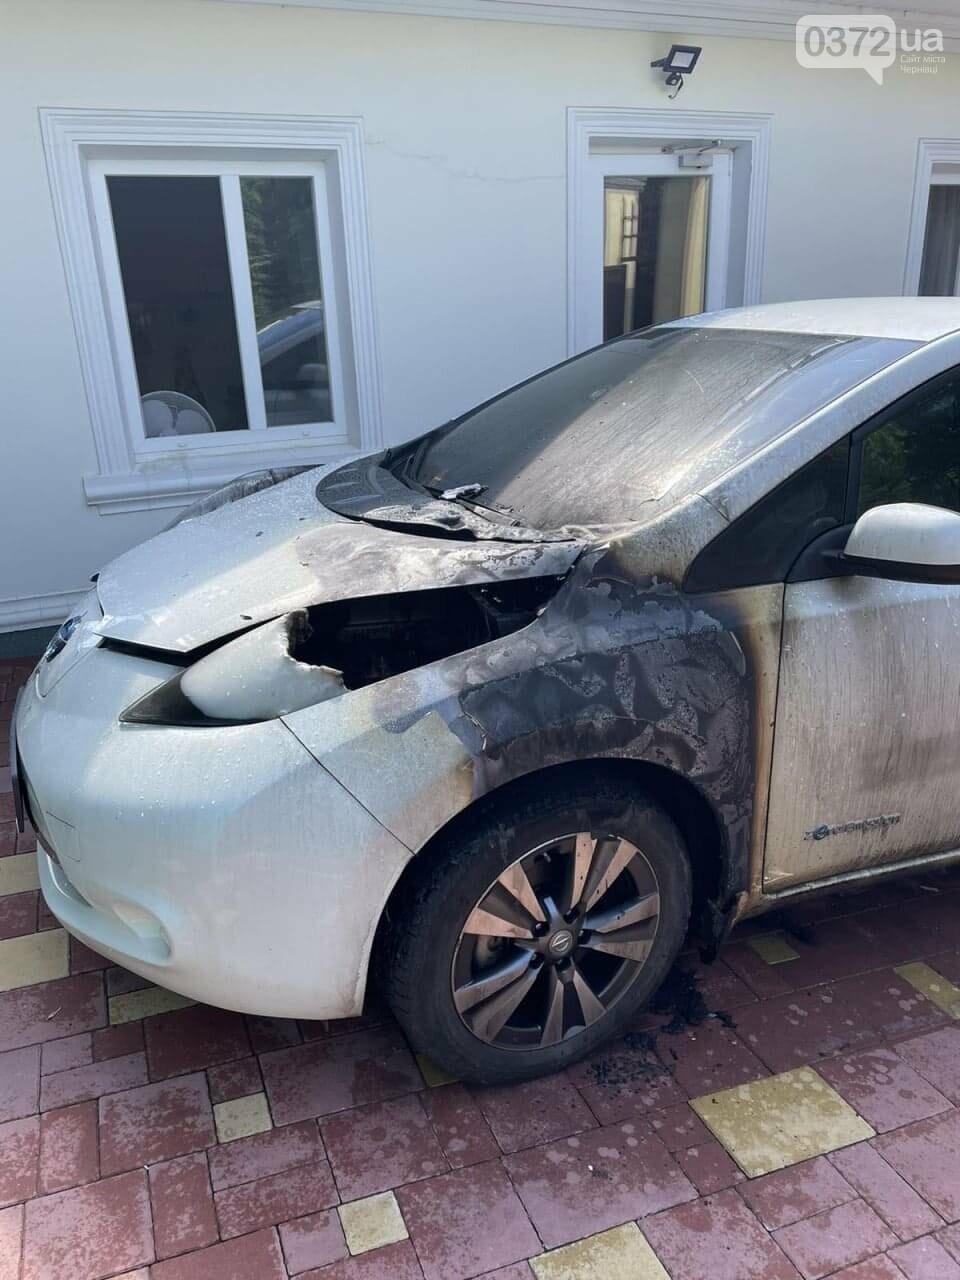 автомобіль Nissan після пожежі